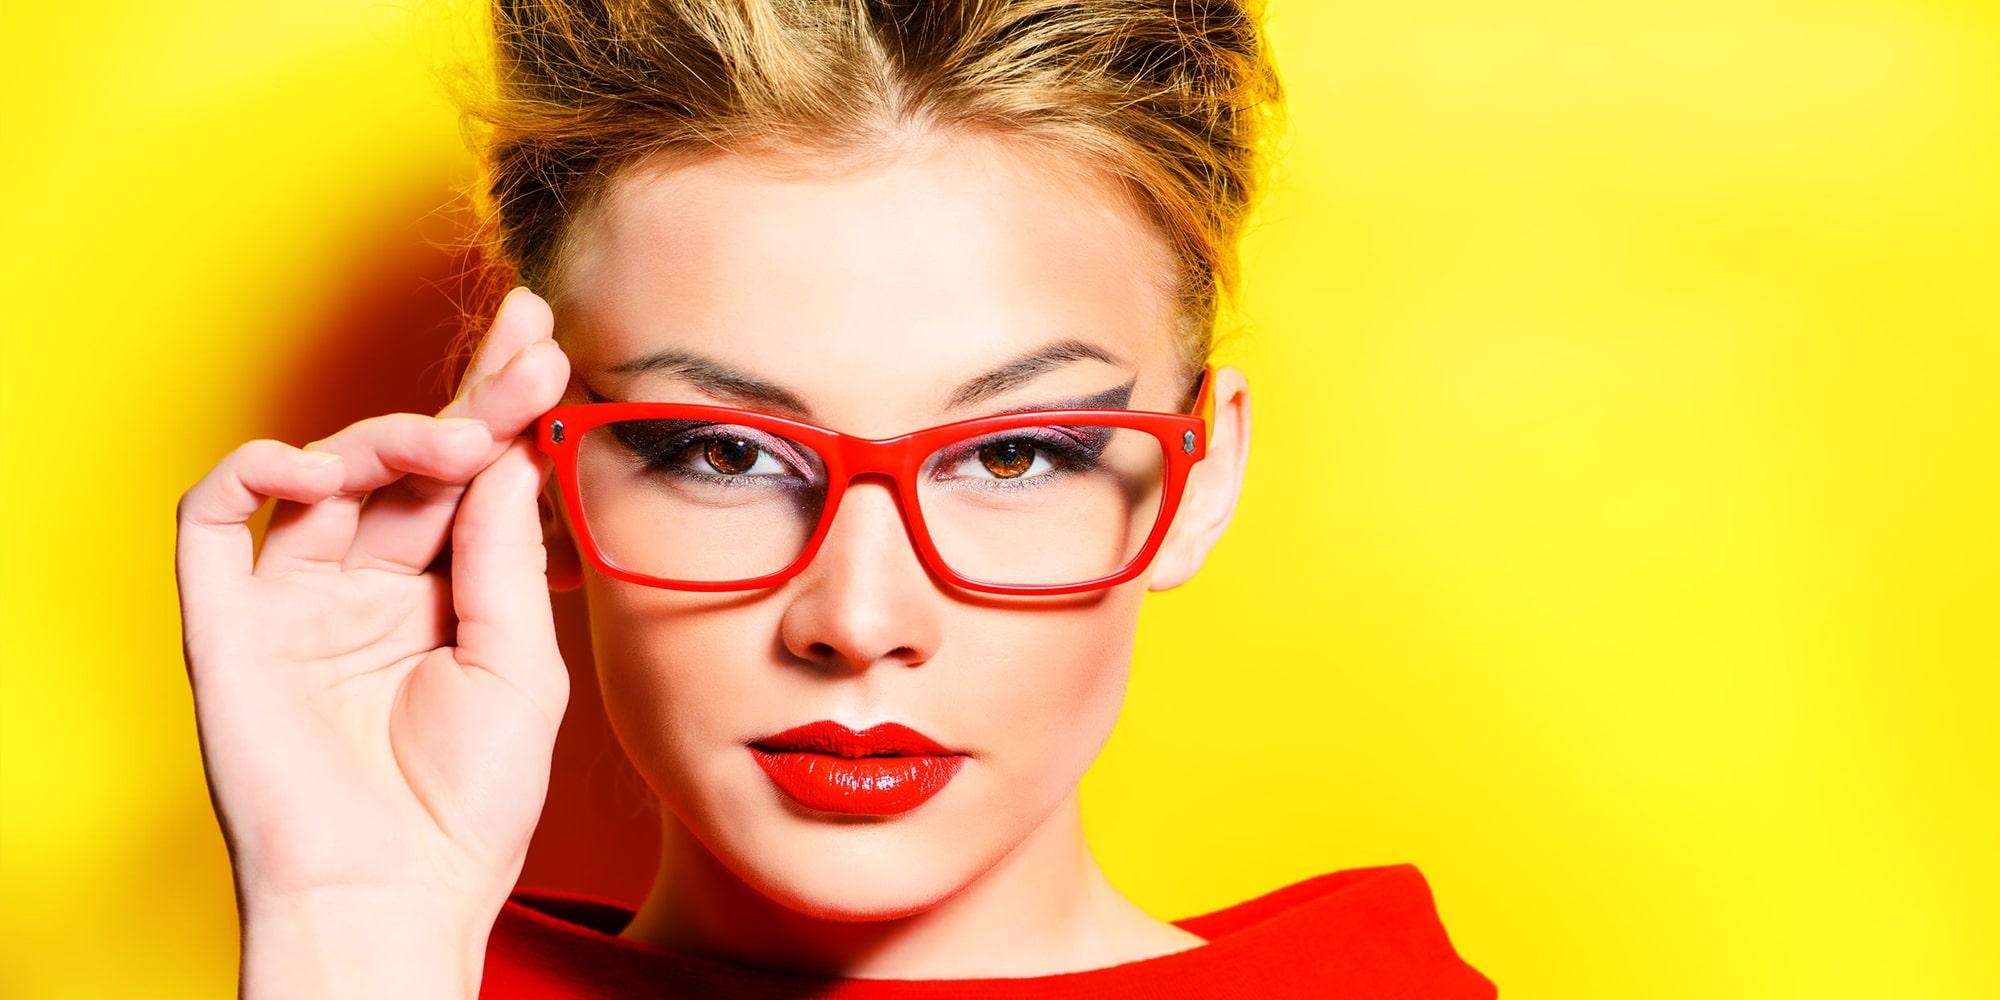 Vrouwelijk model met Amazotti leesbril - Gele achtergrond - Vrouw met leesbril - Luxueuze & Betaalbare leesbrillen